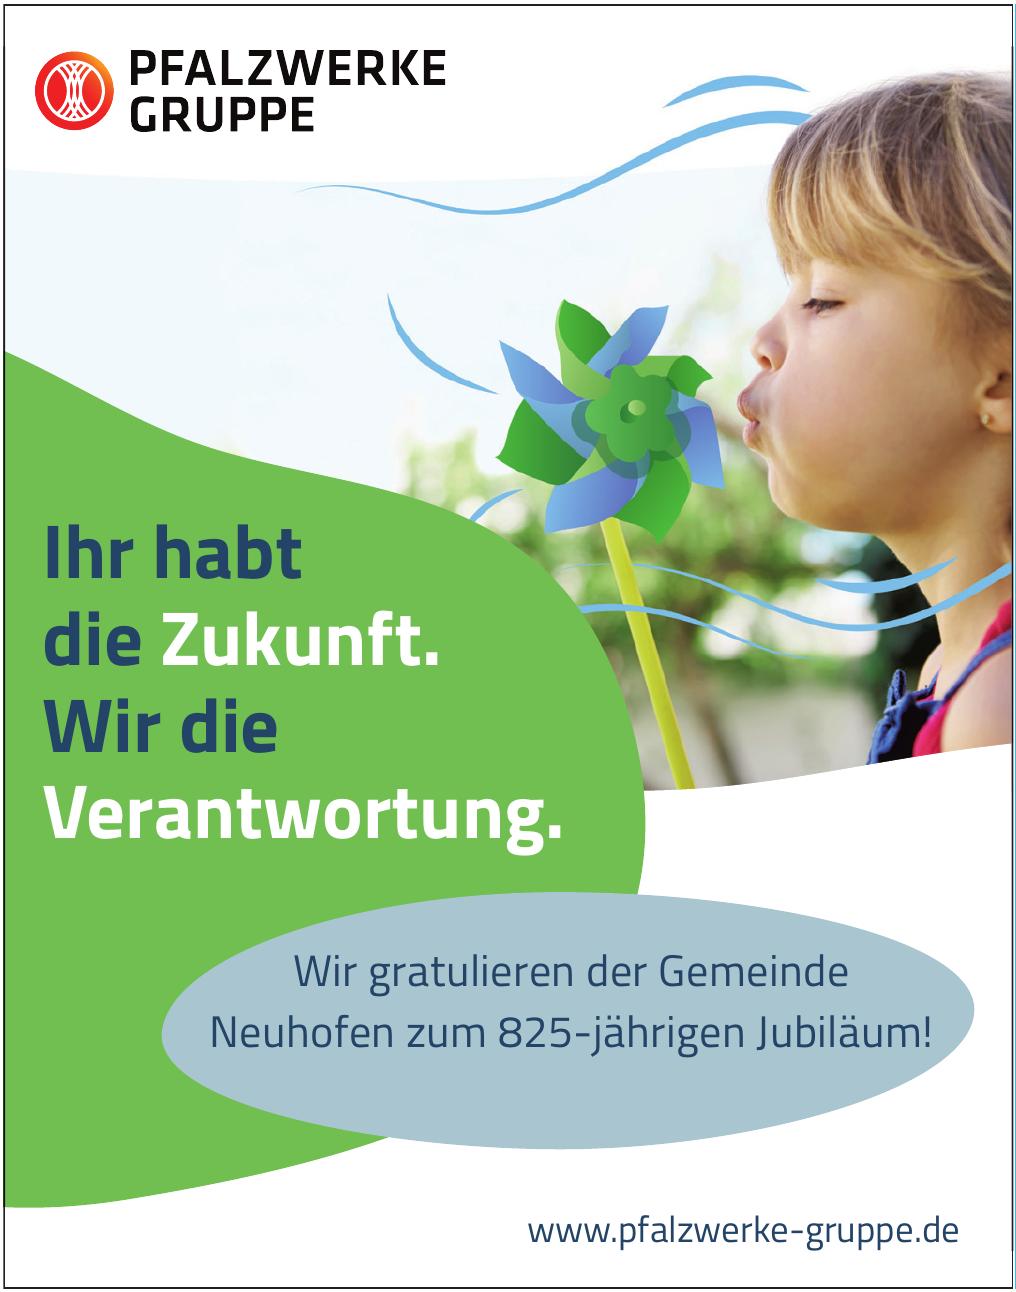 Pfalzwerke Gruppe